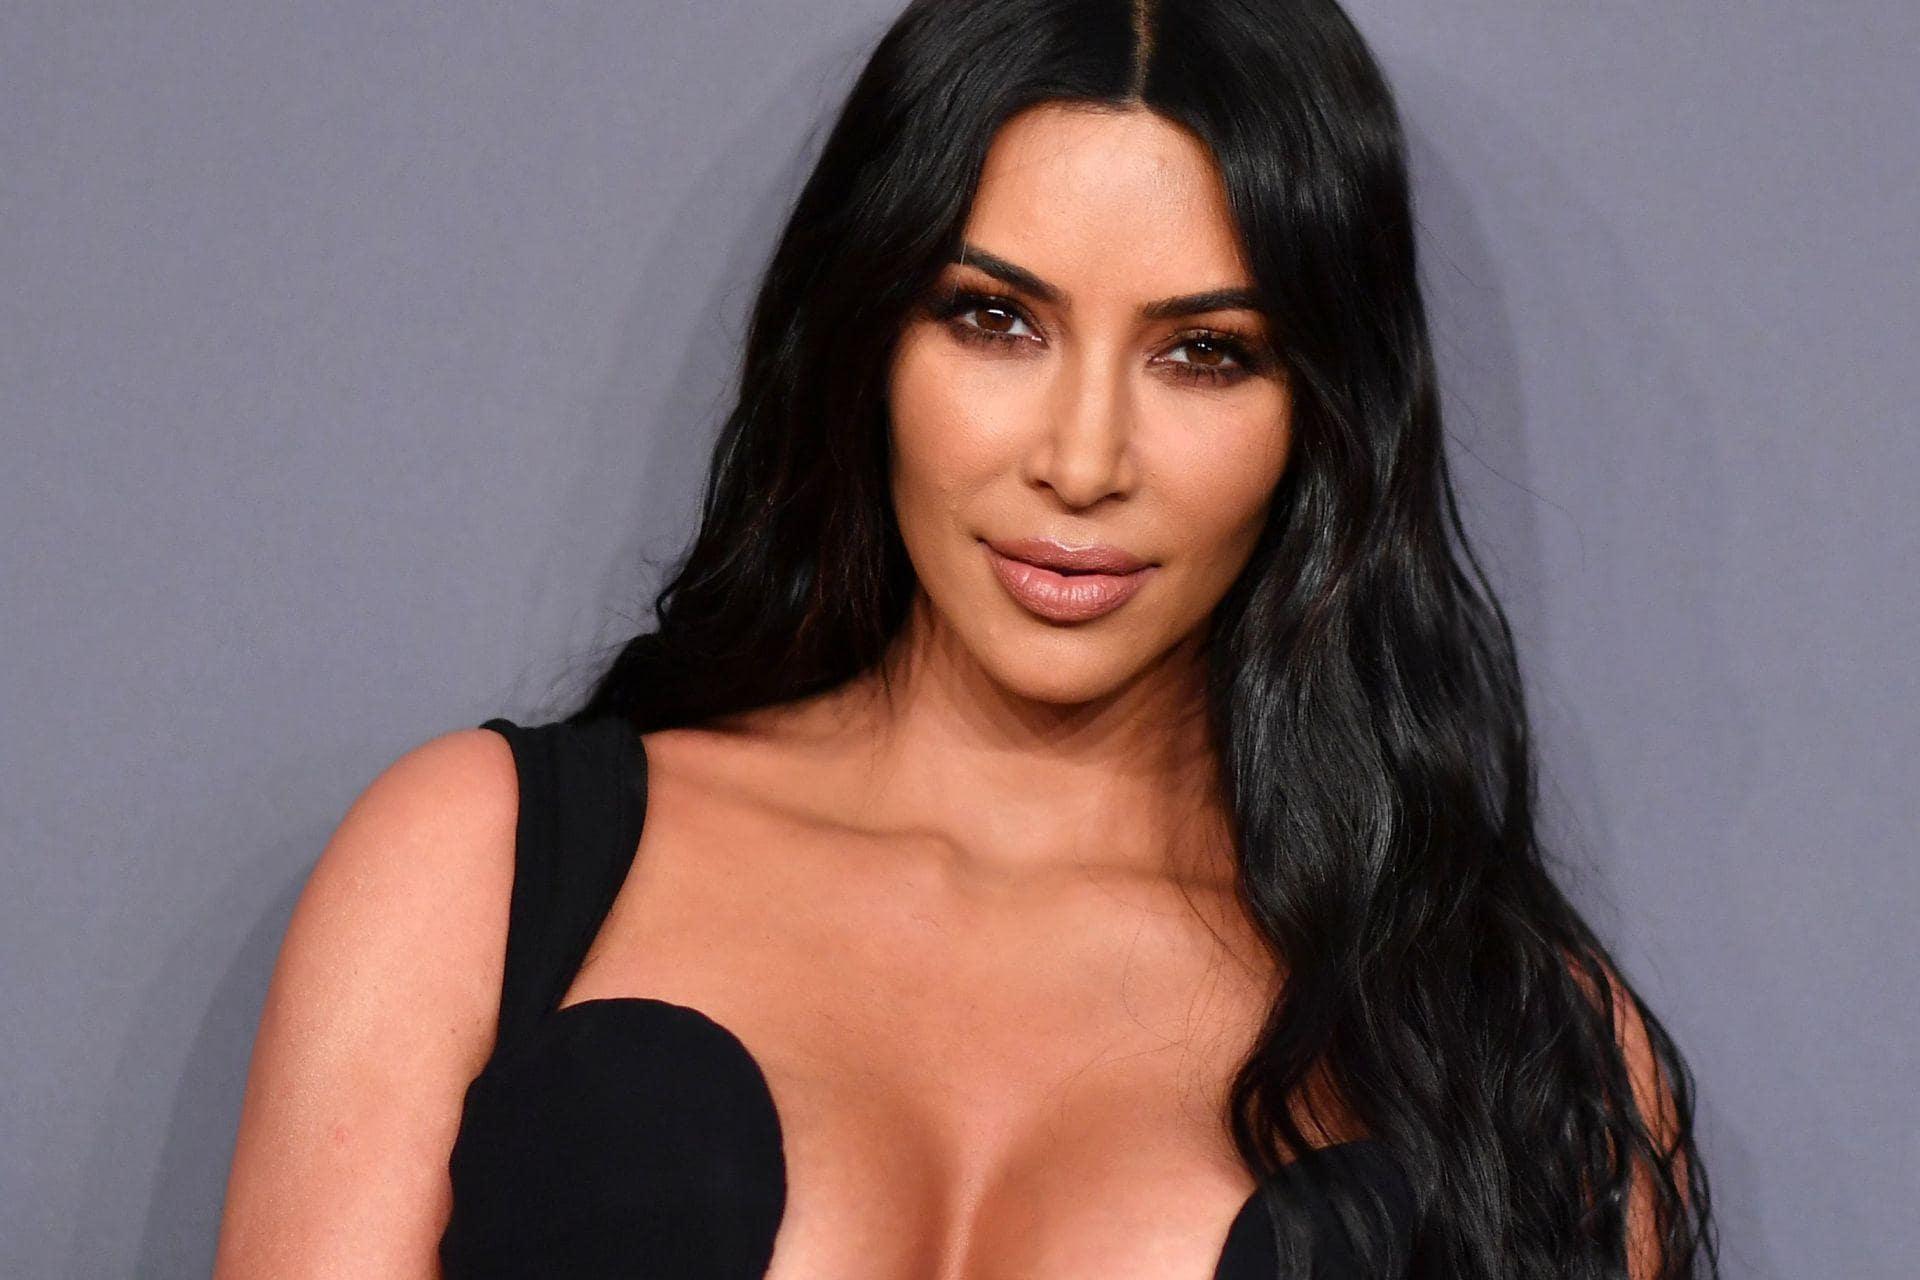 Kim Kardashian fala sobre os paparazzis que tentam tirar fotos de suas partes intimas (Foto: Reprodução)